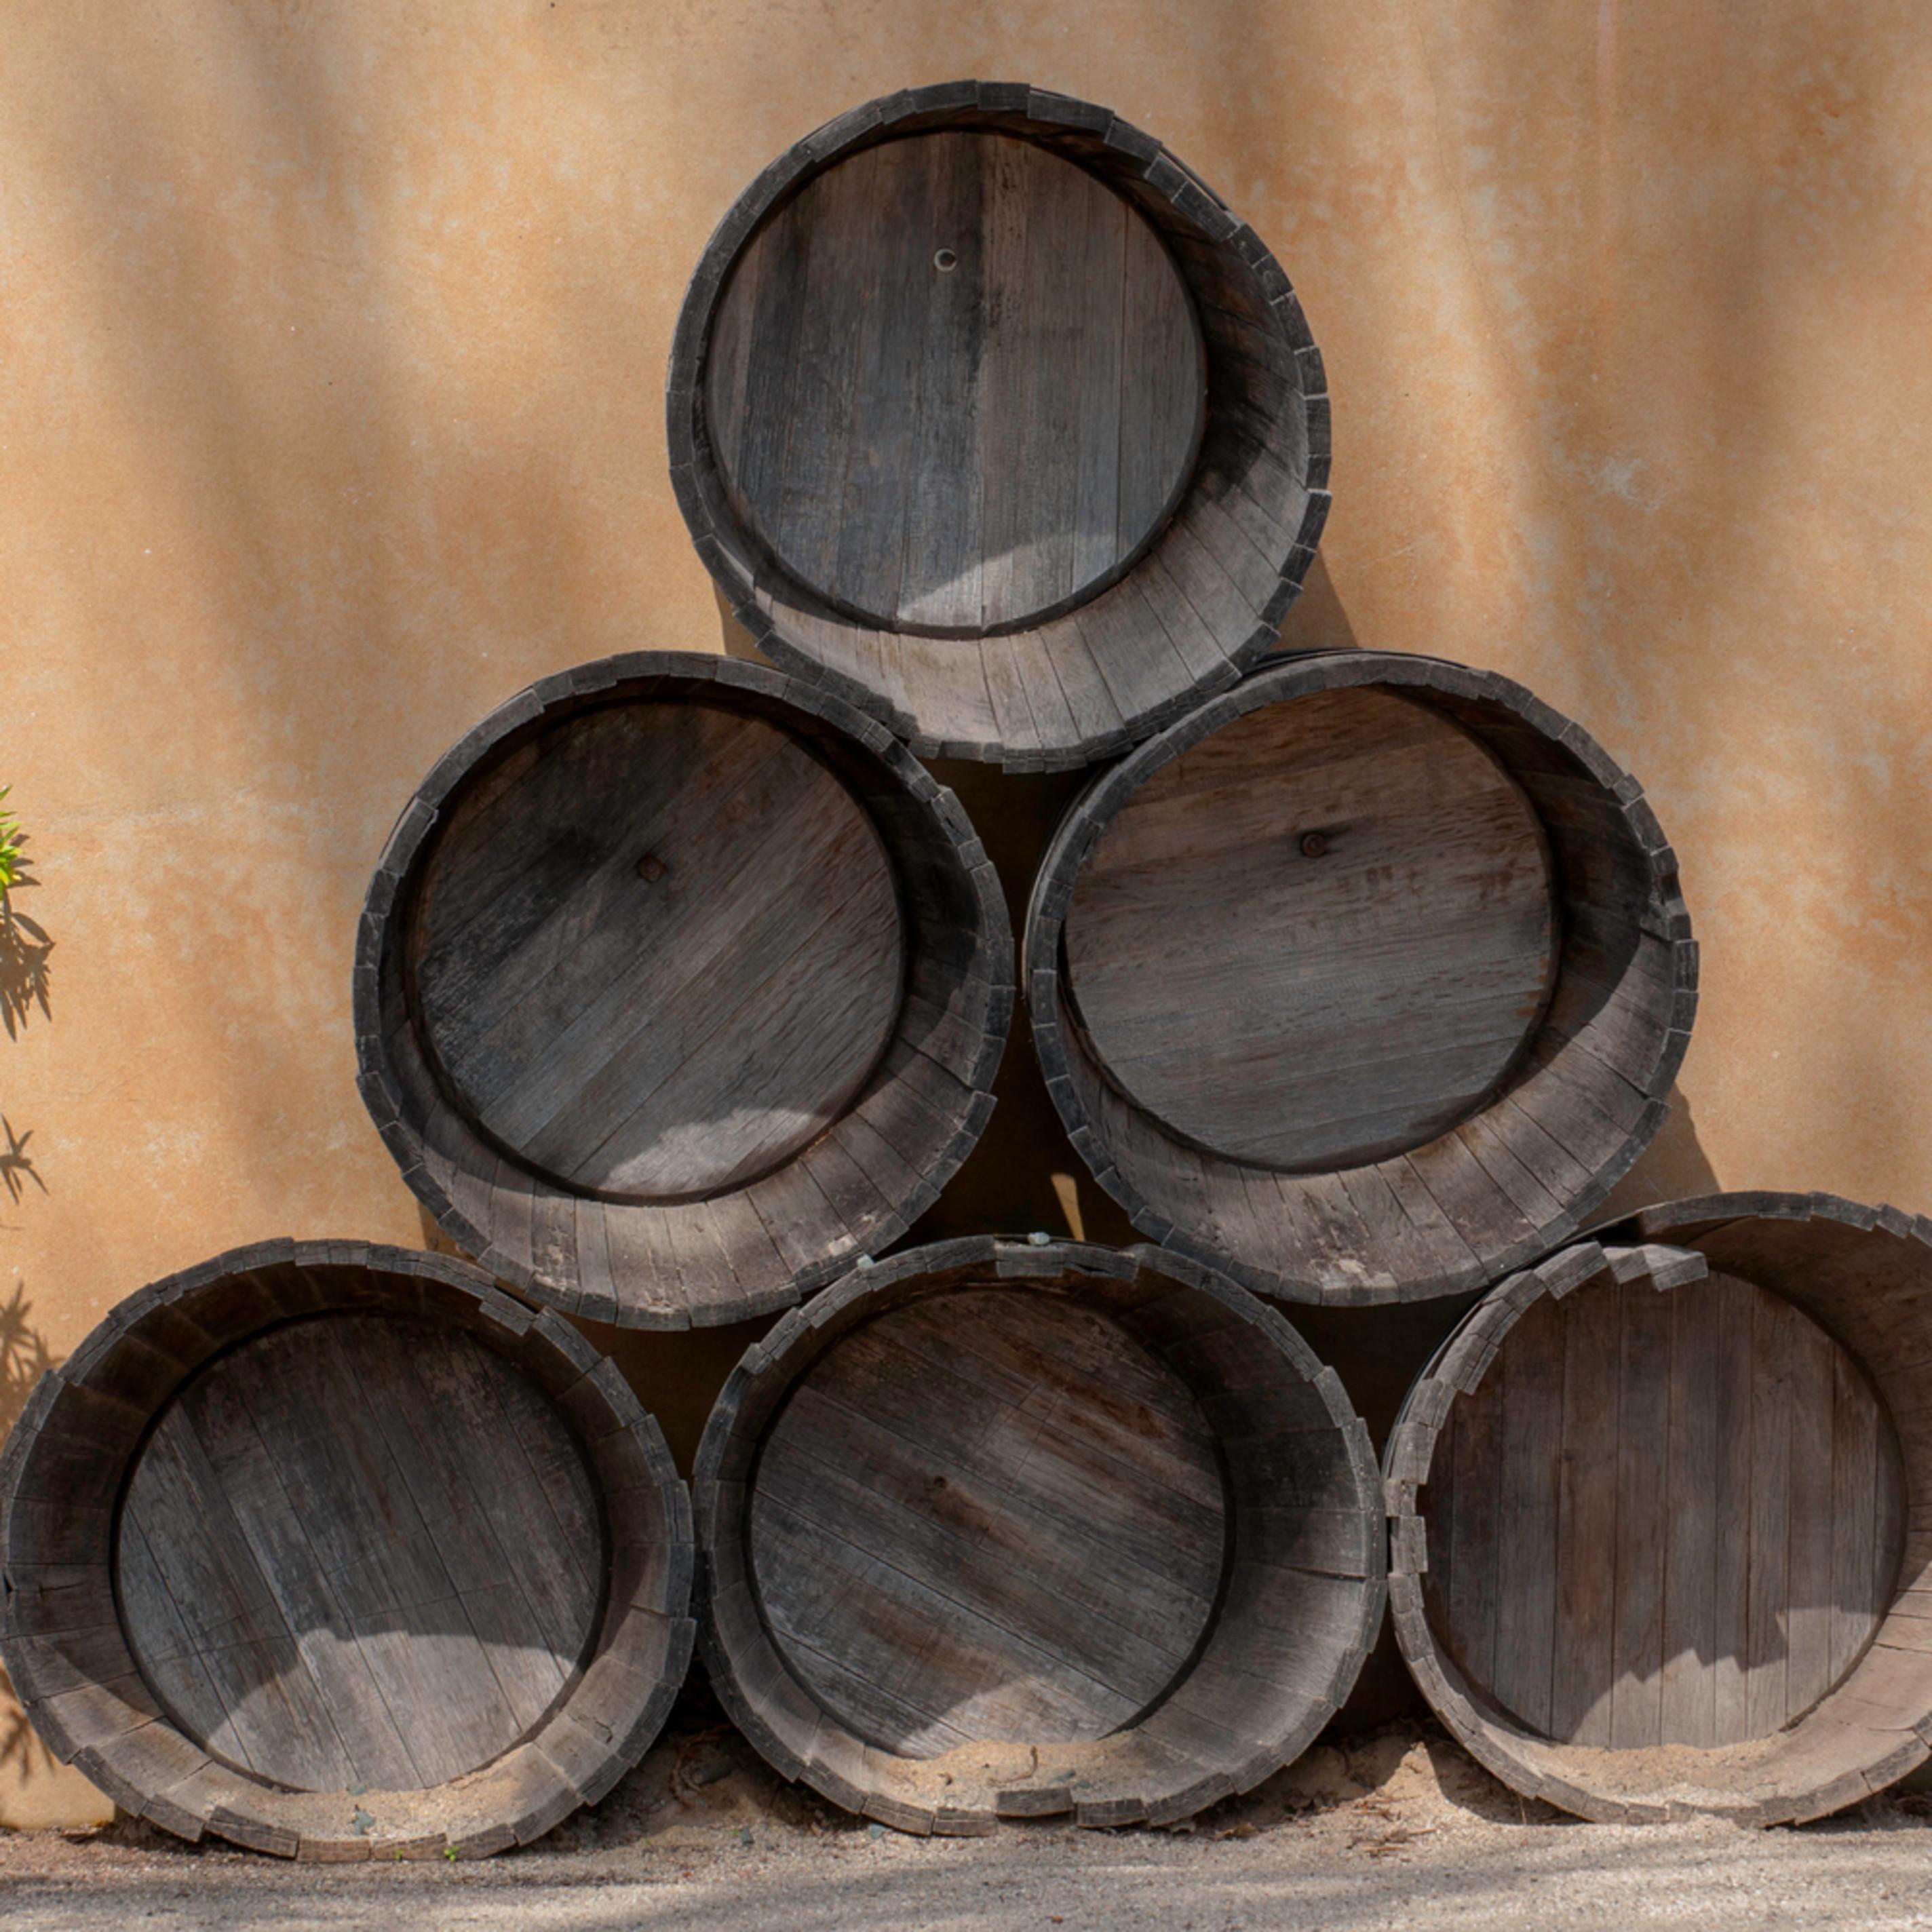 Barrel evol28